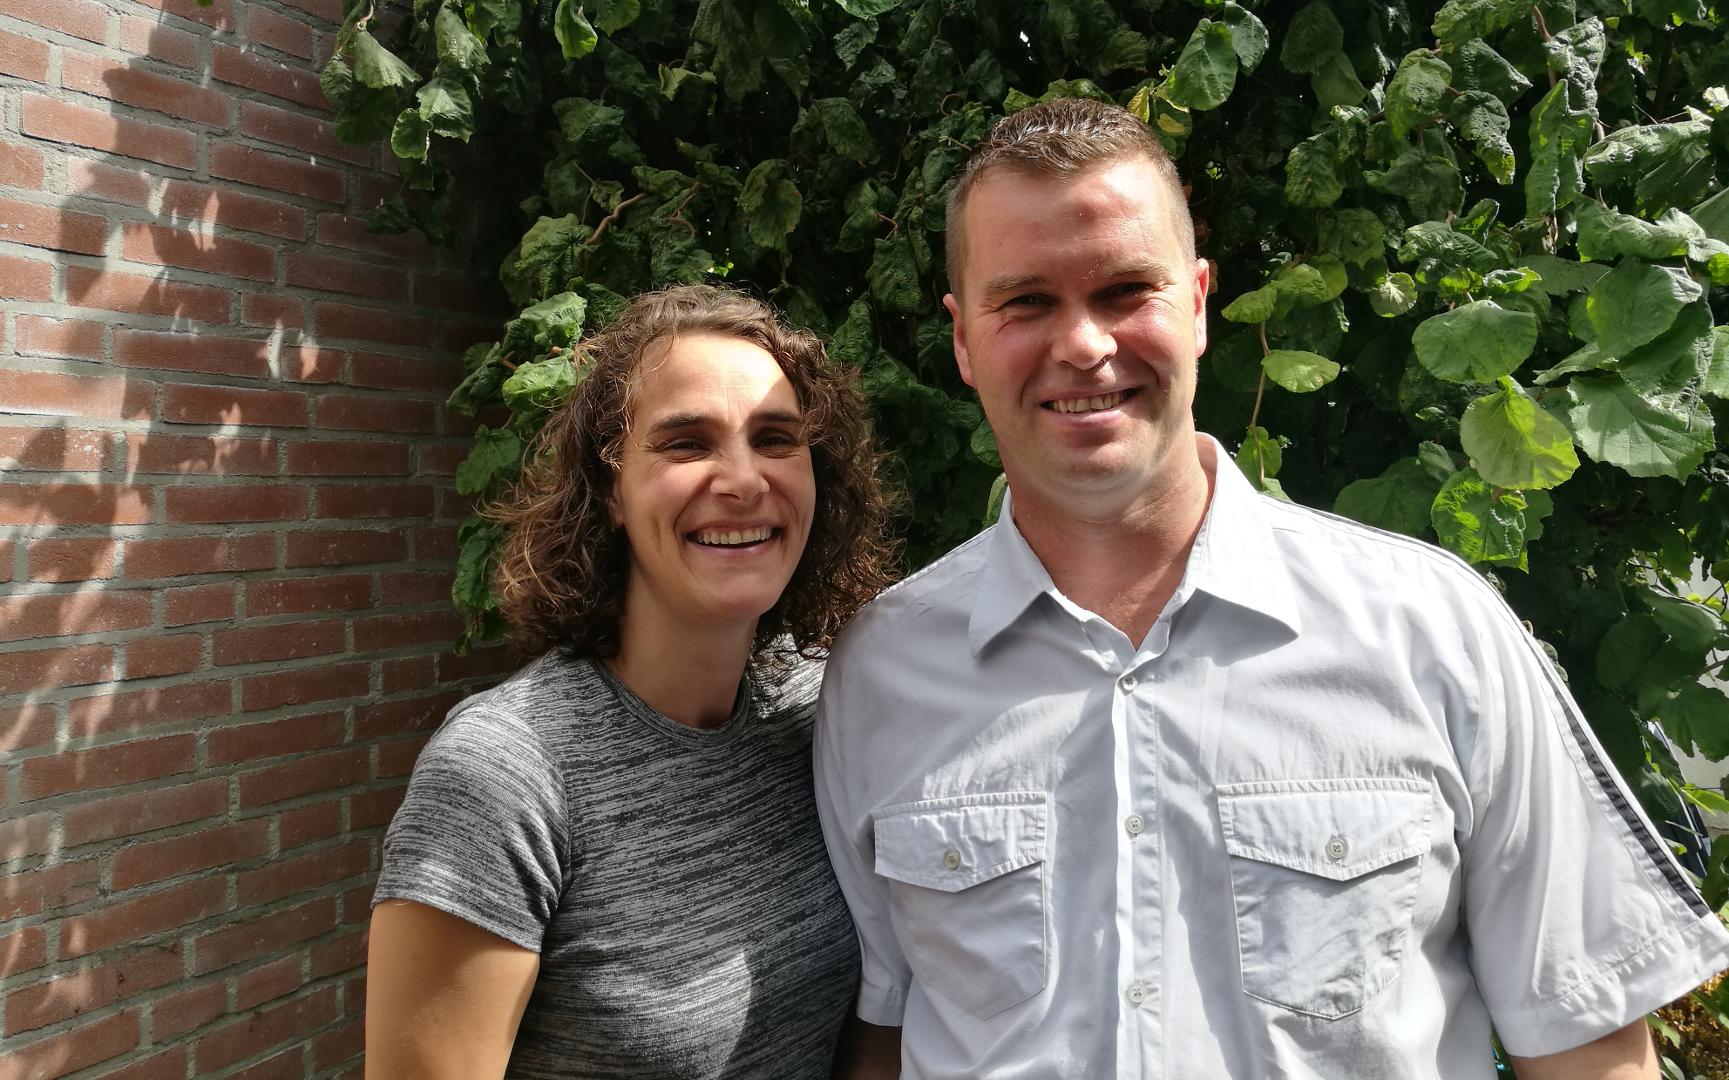 André Kager en Willeanne Kager-Swanink gezinsouders gezinshuis t SwaneNest